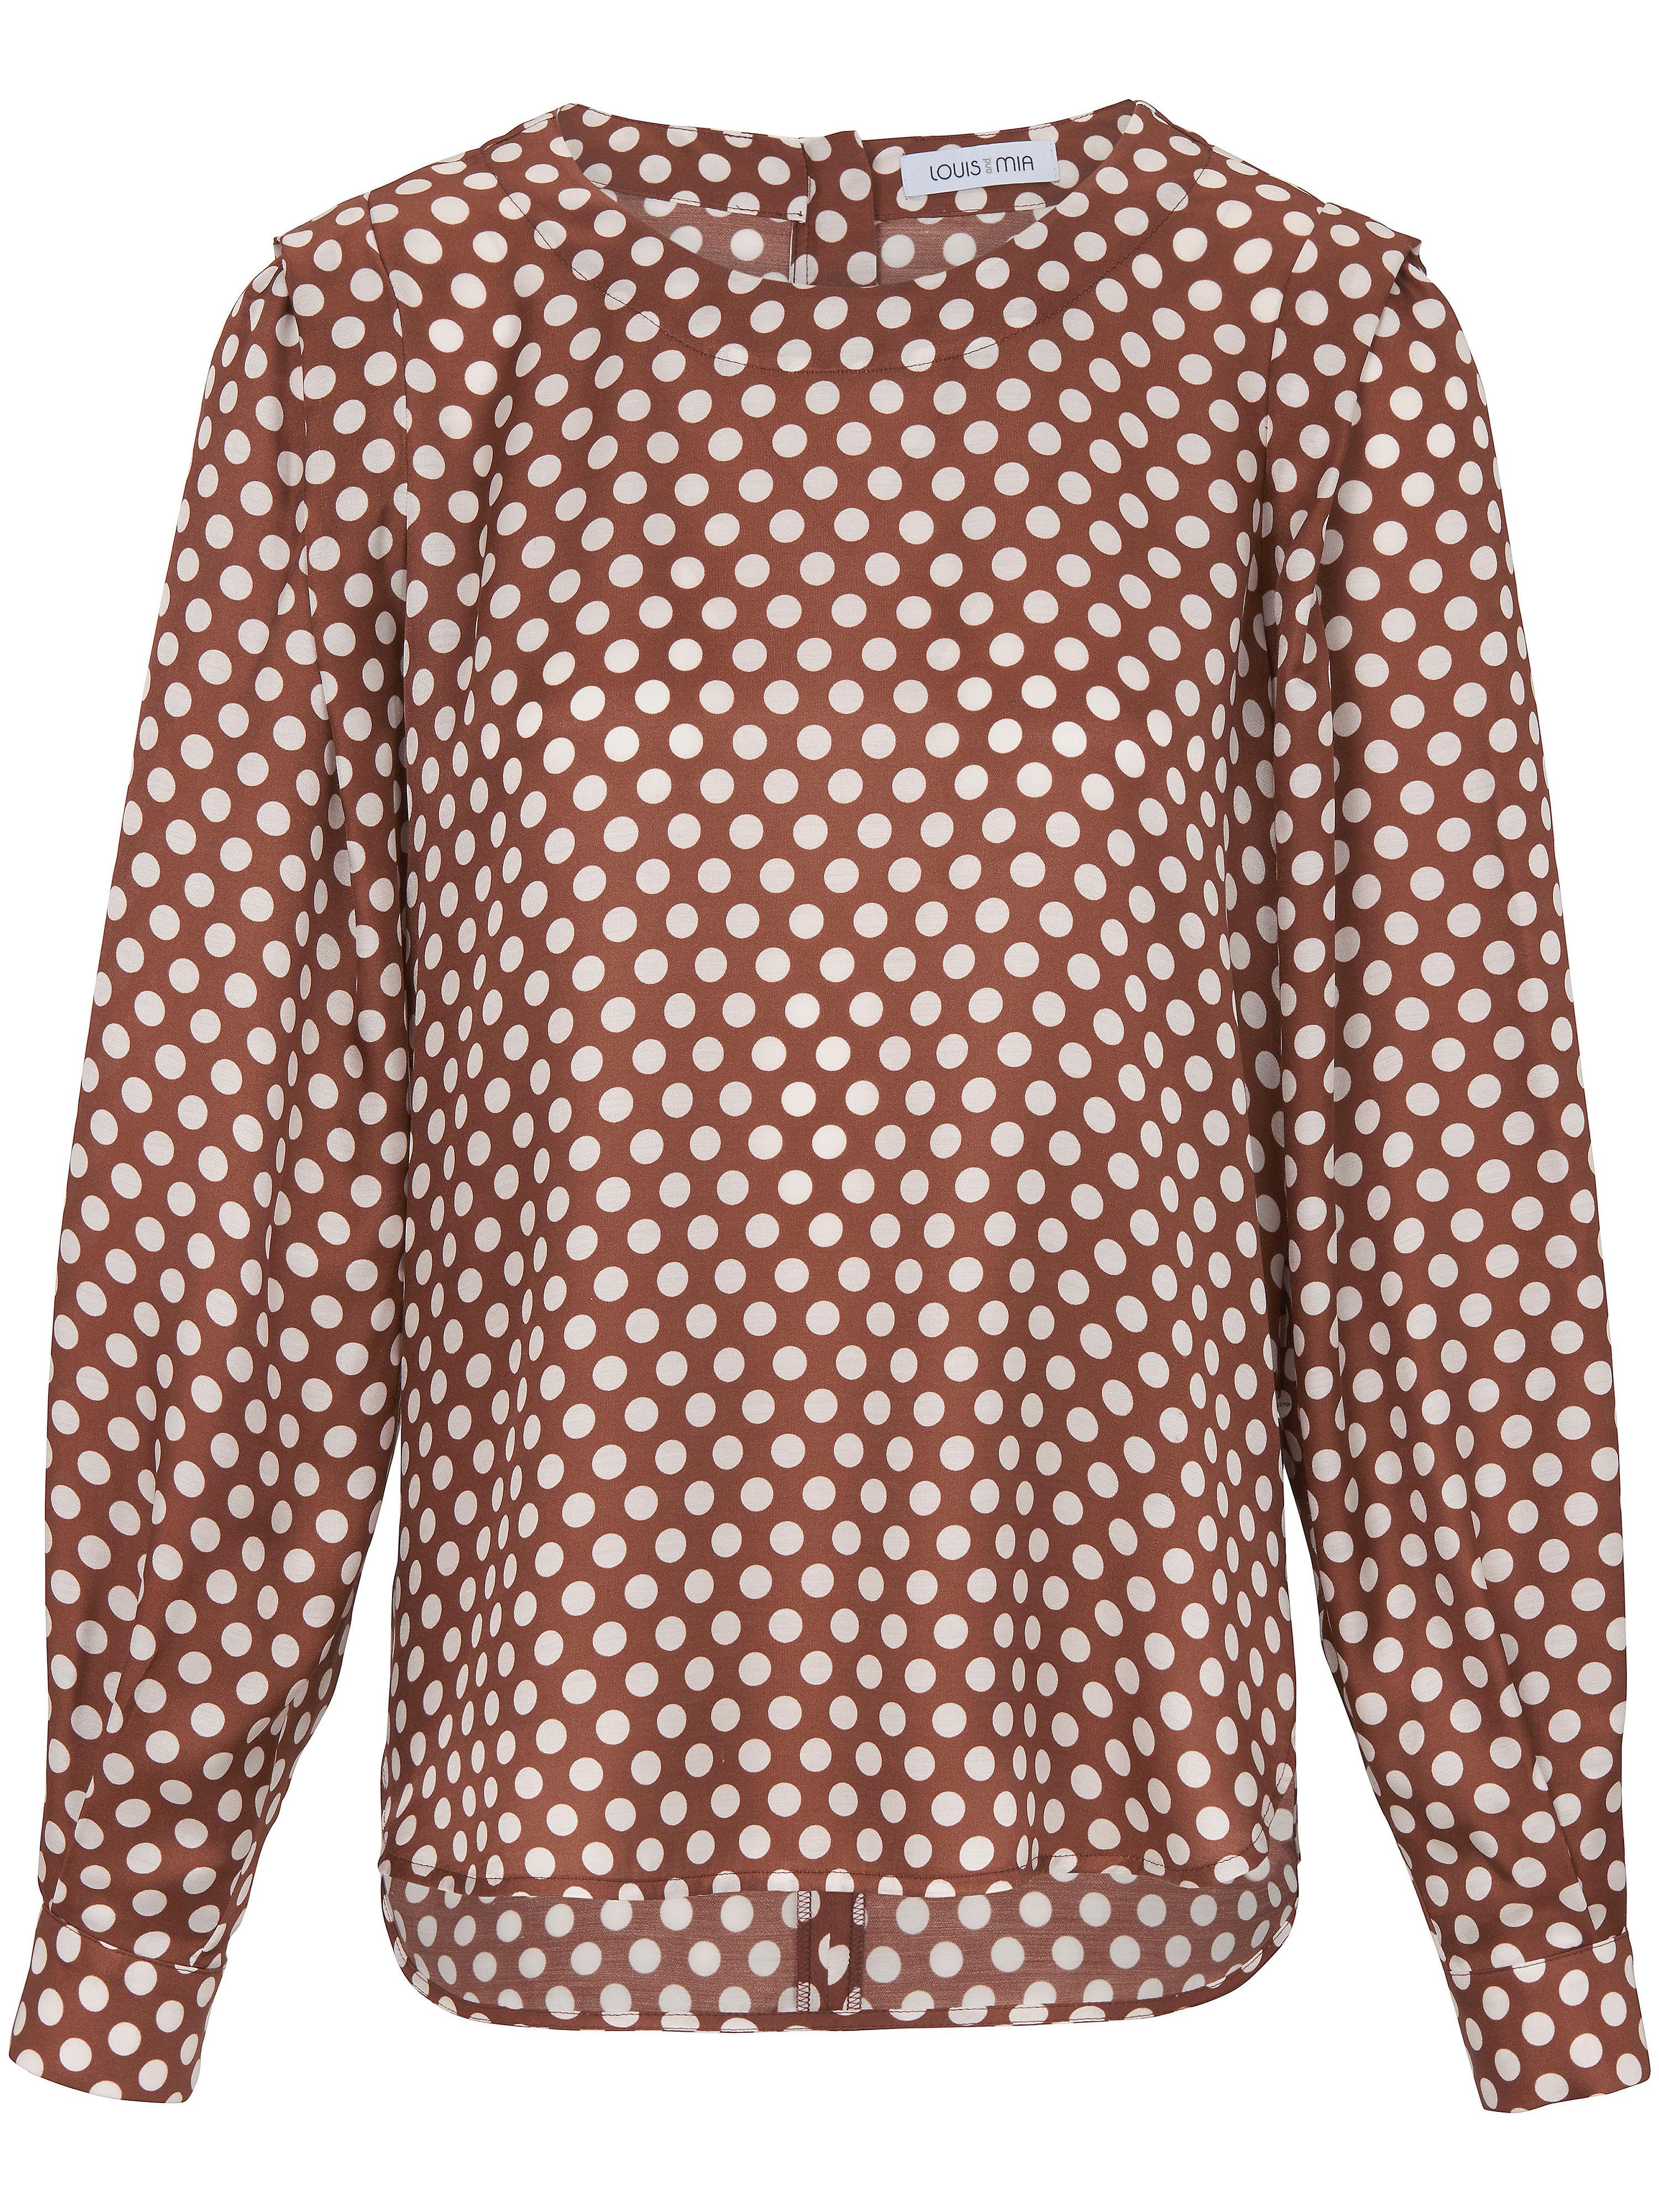 La blouse  Louis and Mia multicolore taille 38